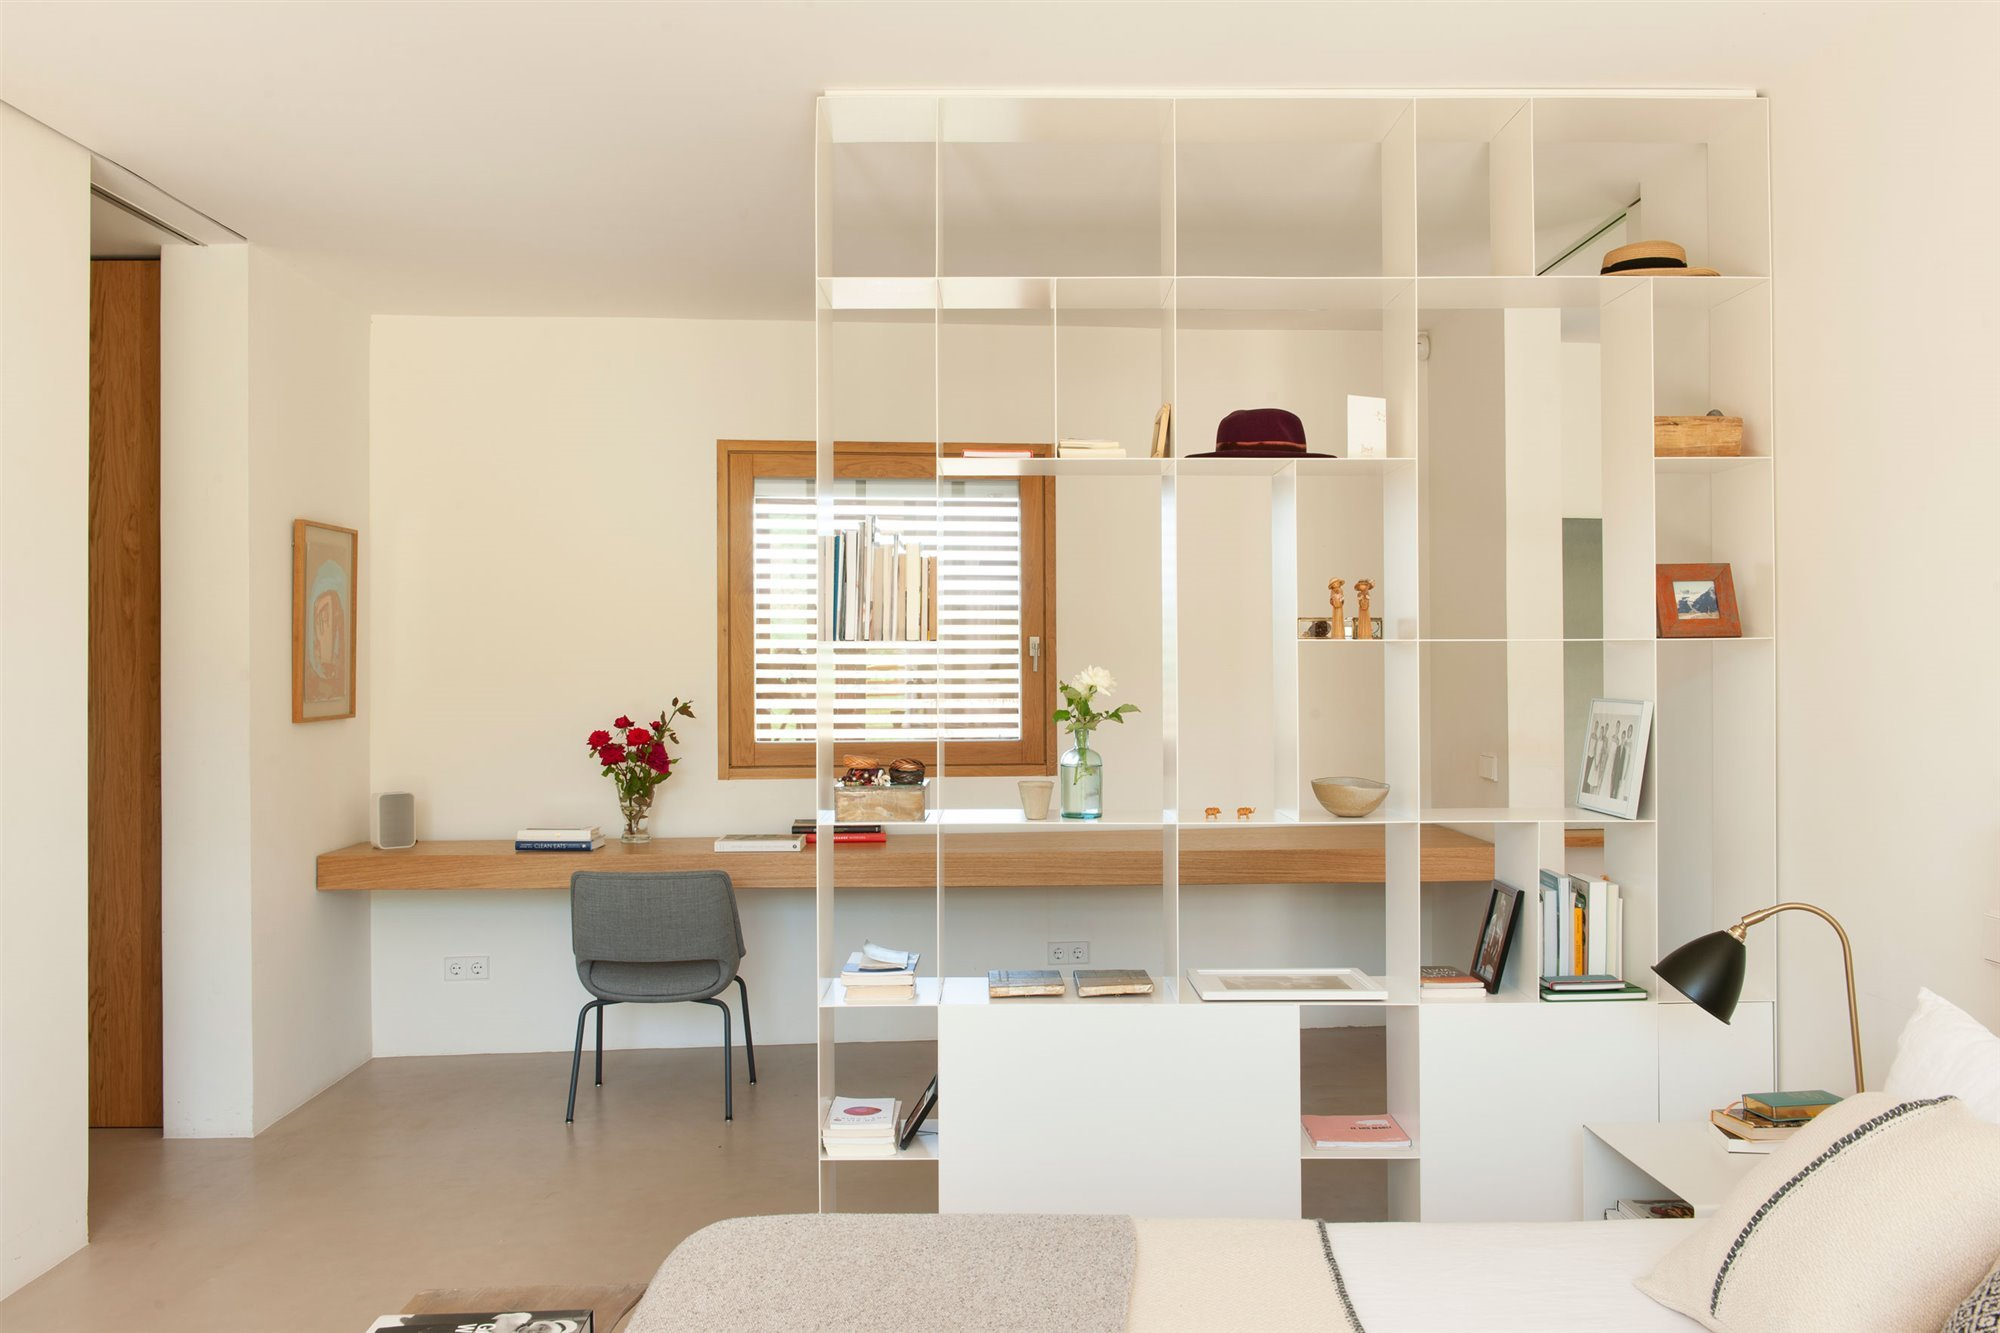 Separar ambientes en un mismo espacio